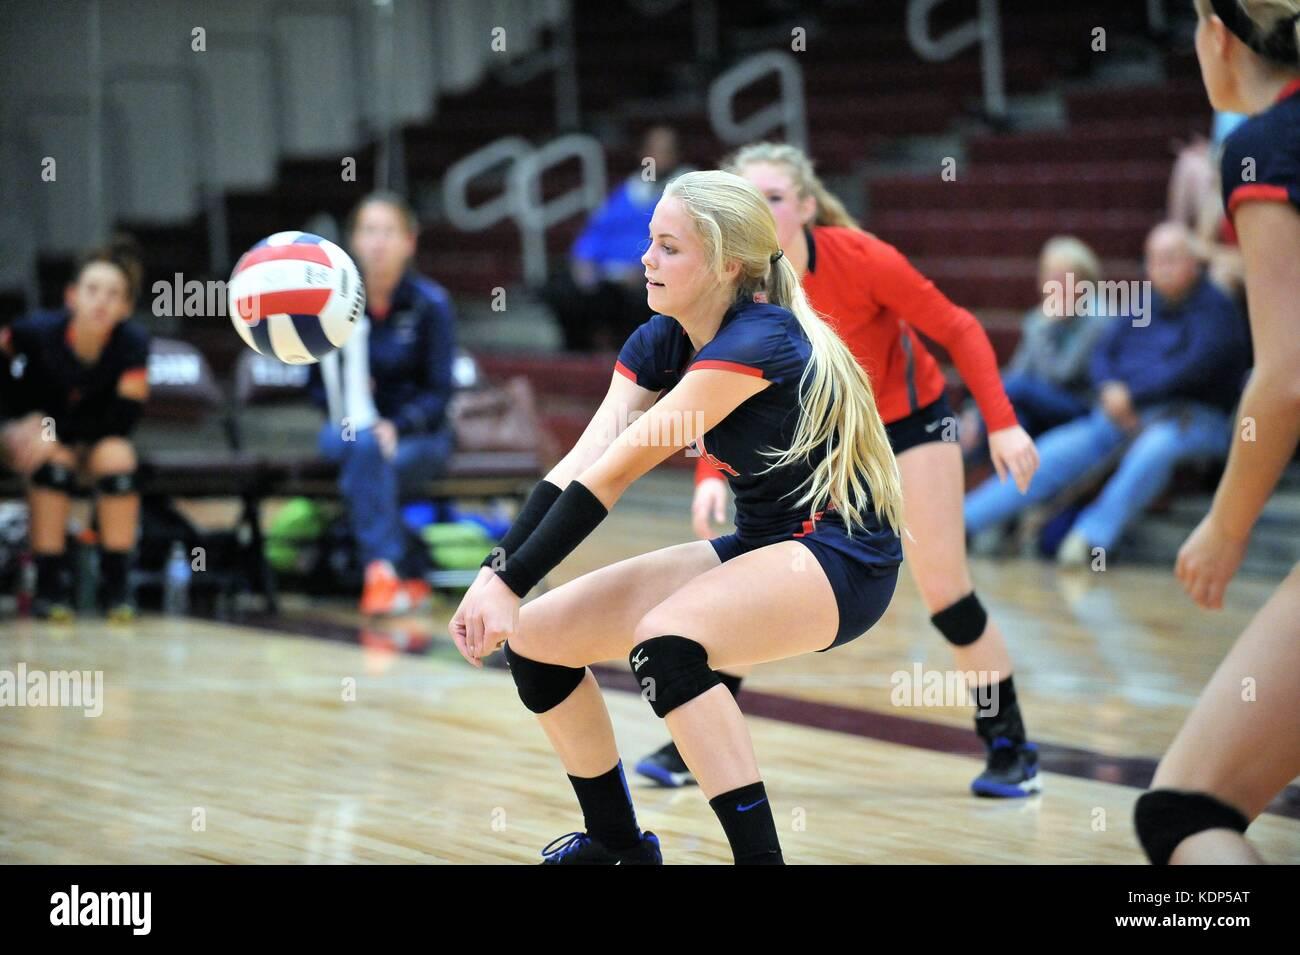 Player ejecuta un servicio de devolución durante un colegio voleibol coincidan. Ee.Uu.. Imagen De Stock